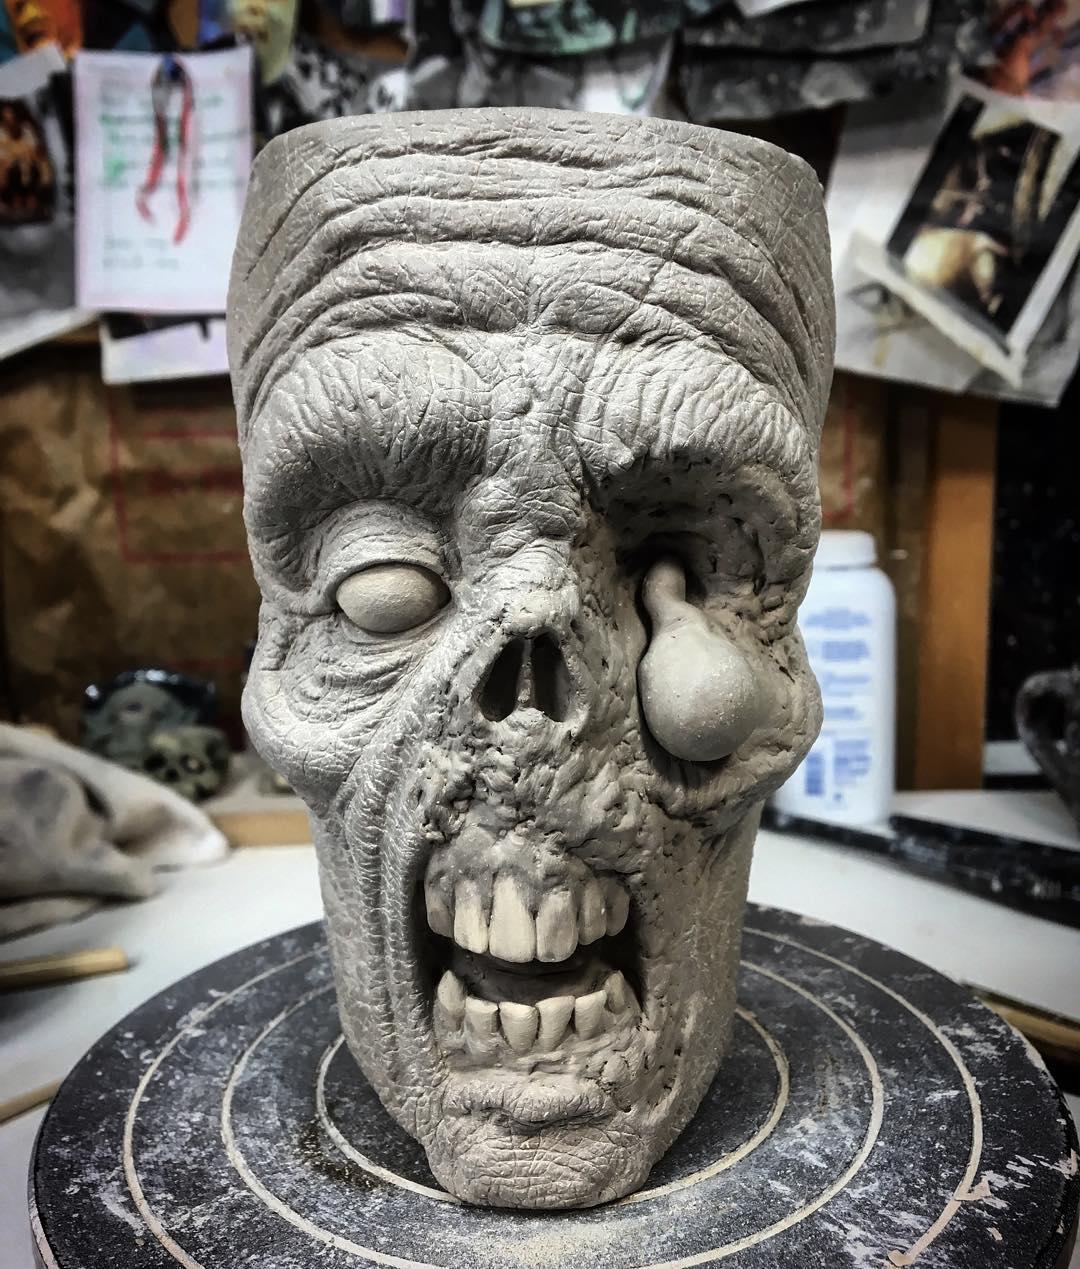 horror-zombie-mug-pottery-slow-joe-kevin-turkey-merck-20